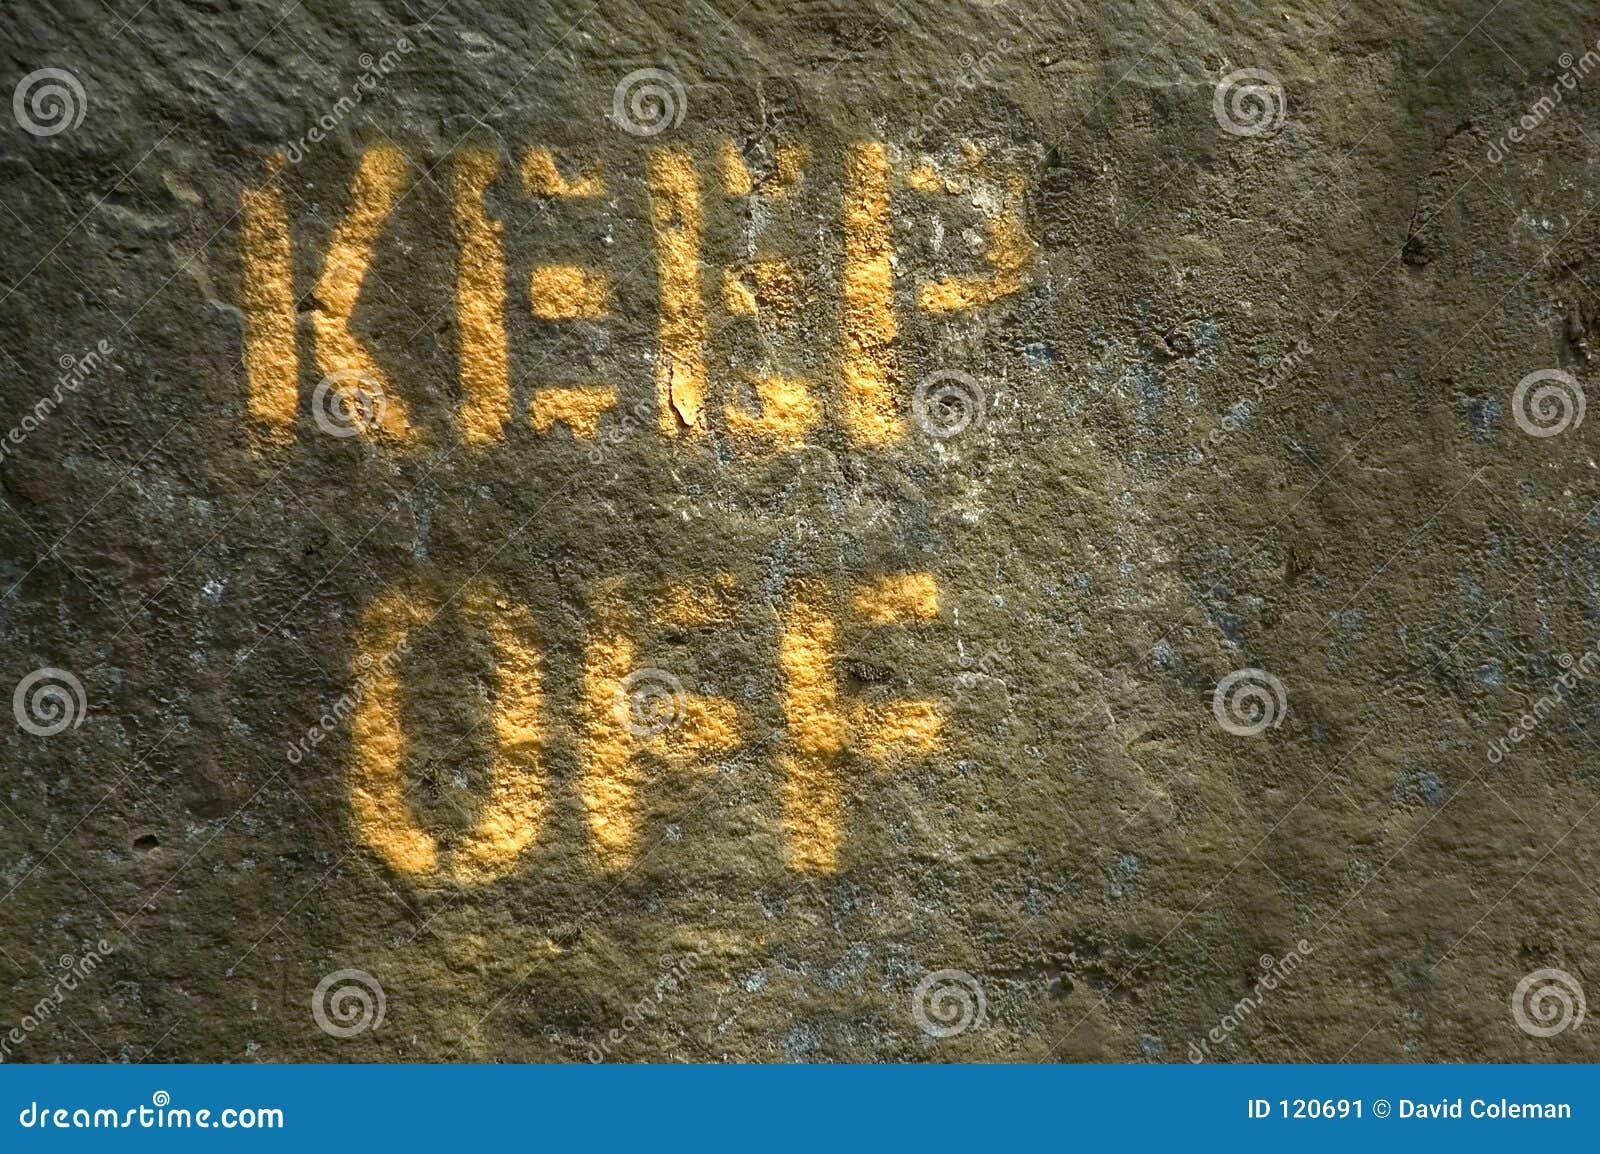 Keep av